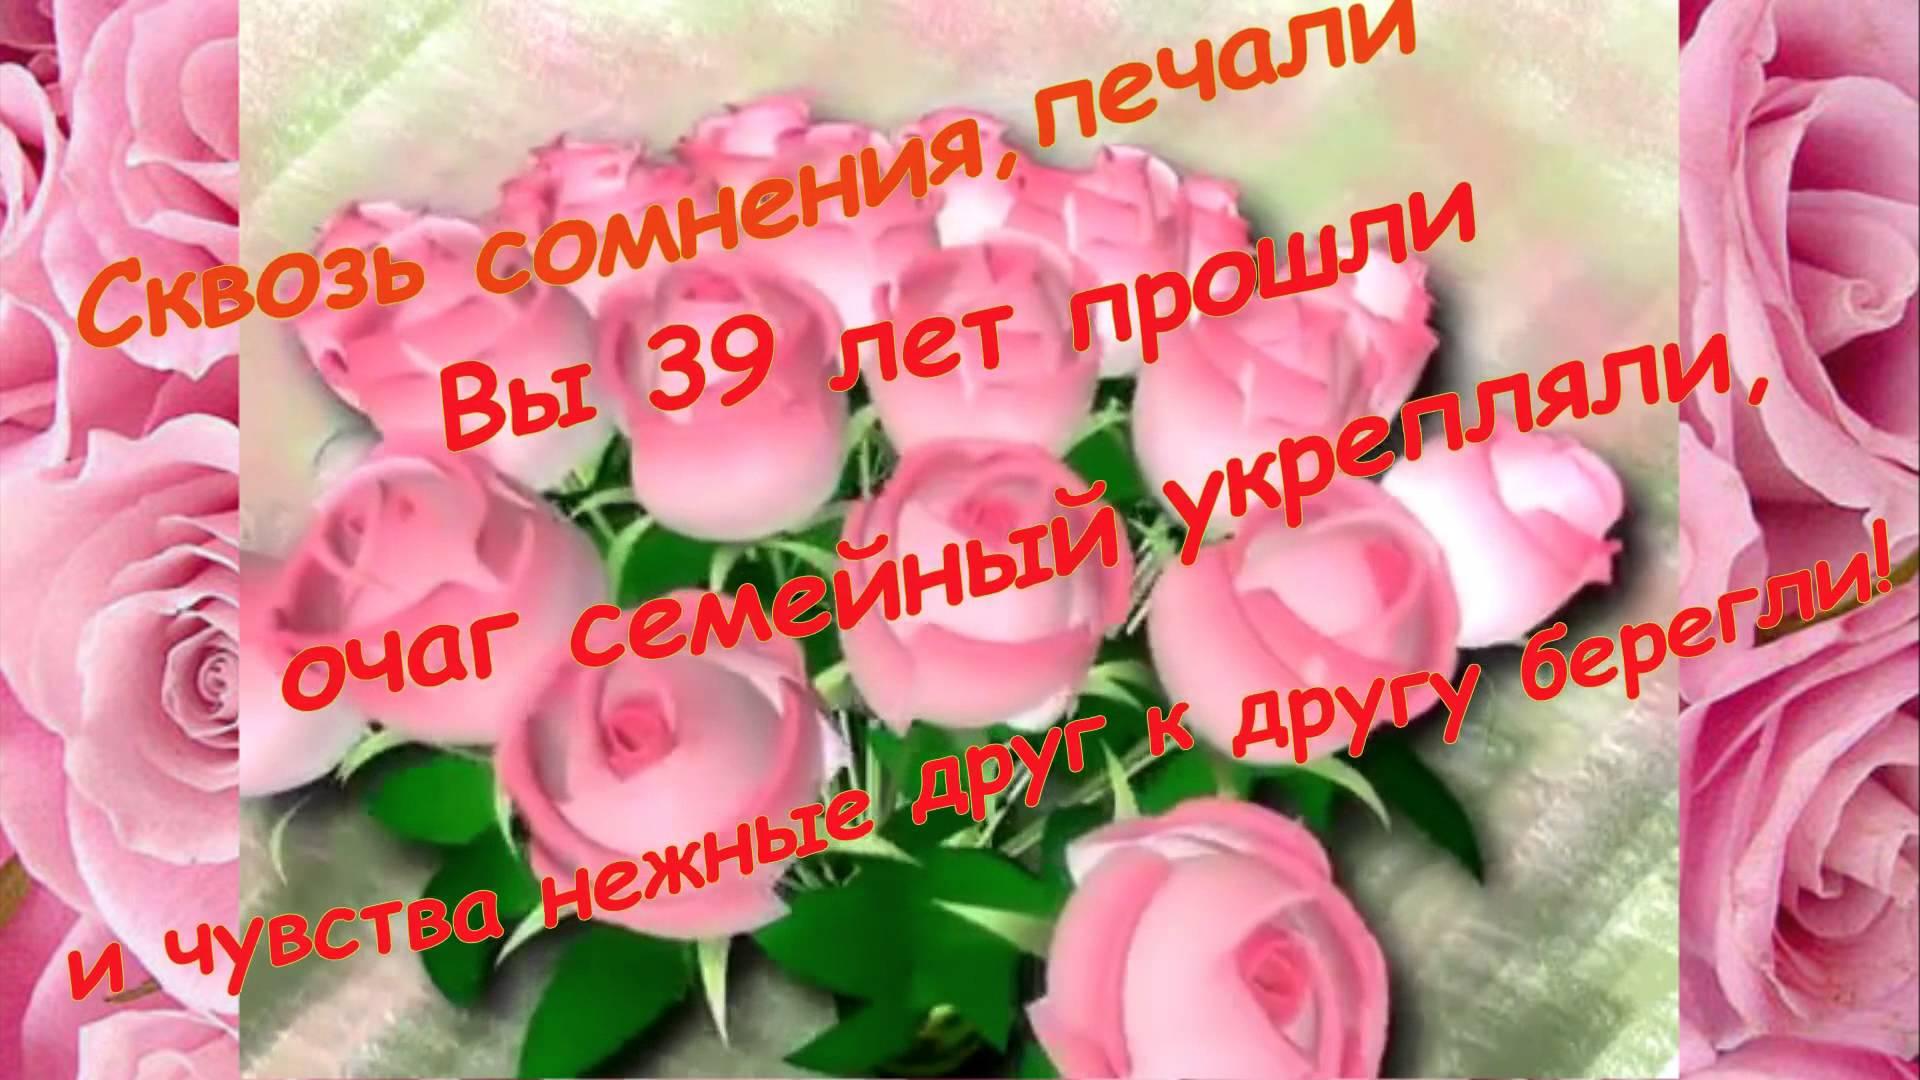 Поздравление с годовщиной свадьбы на 39 лет